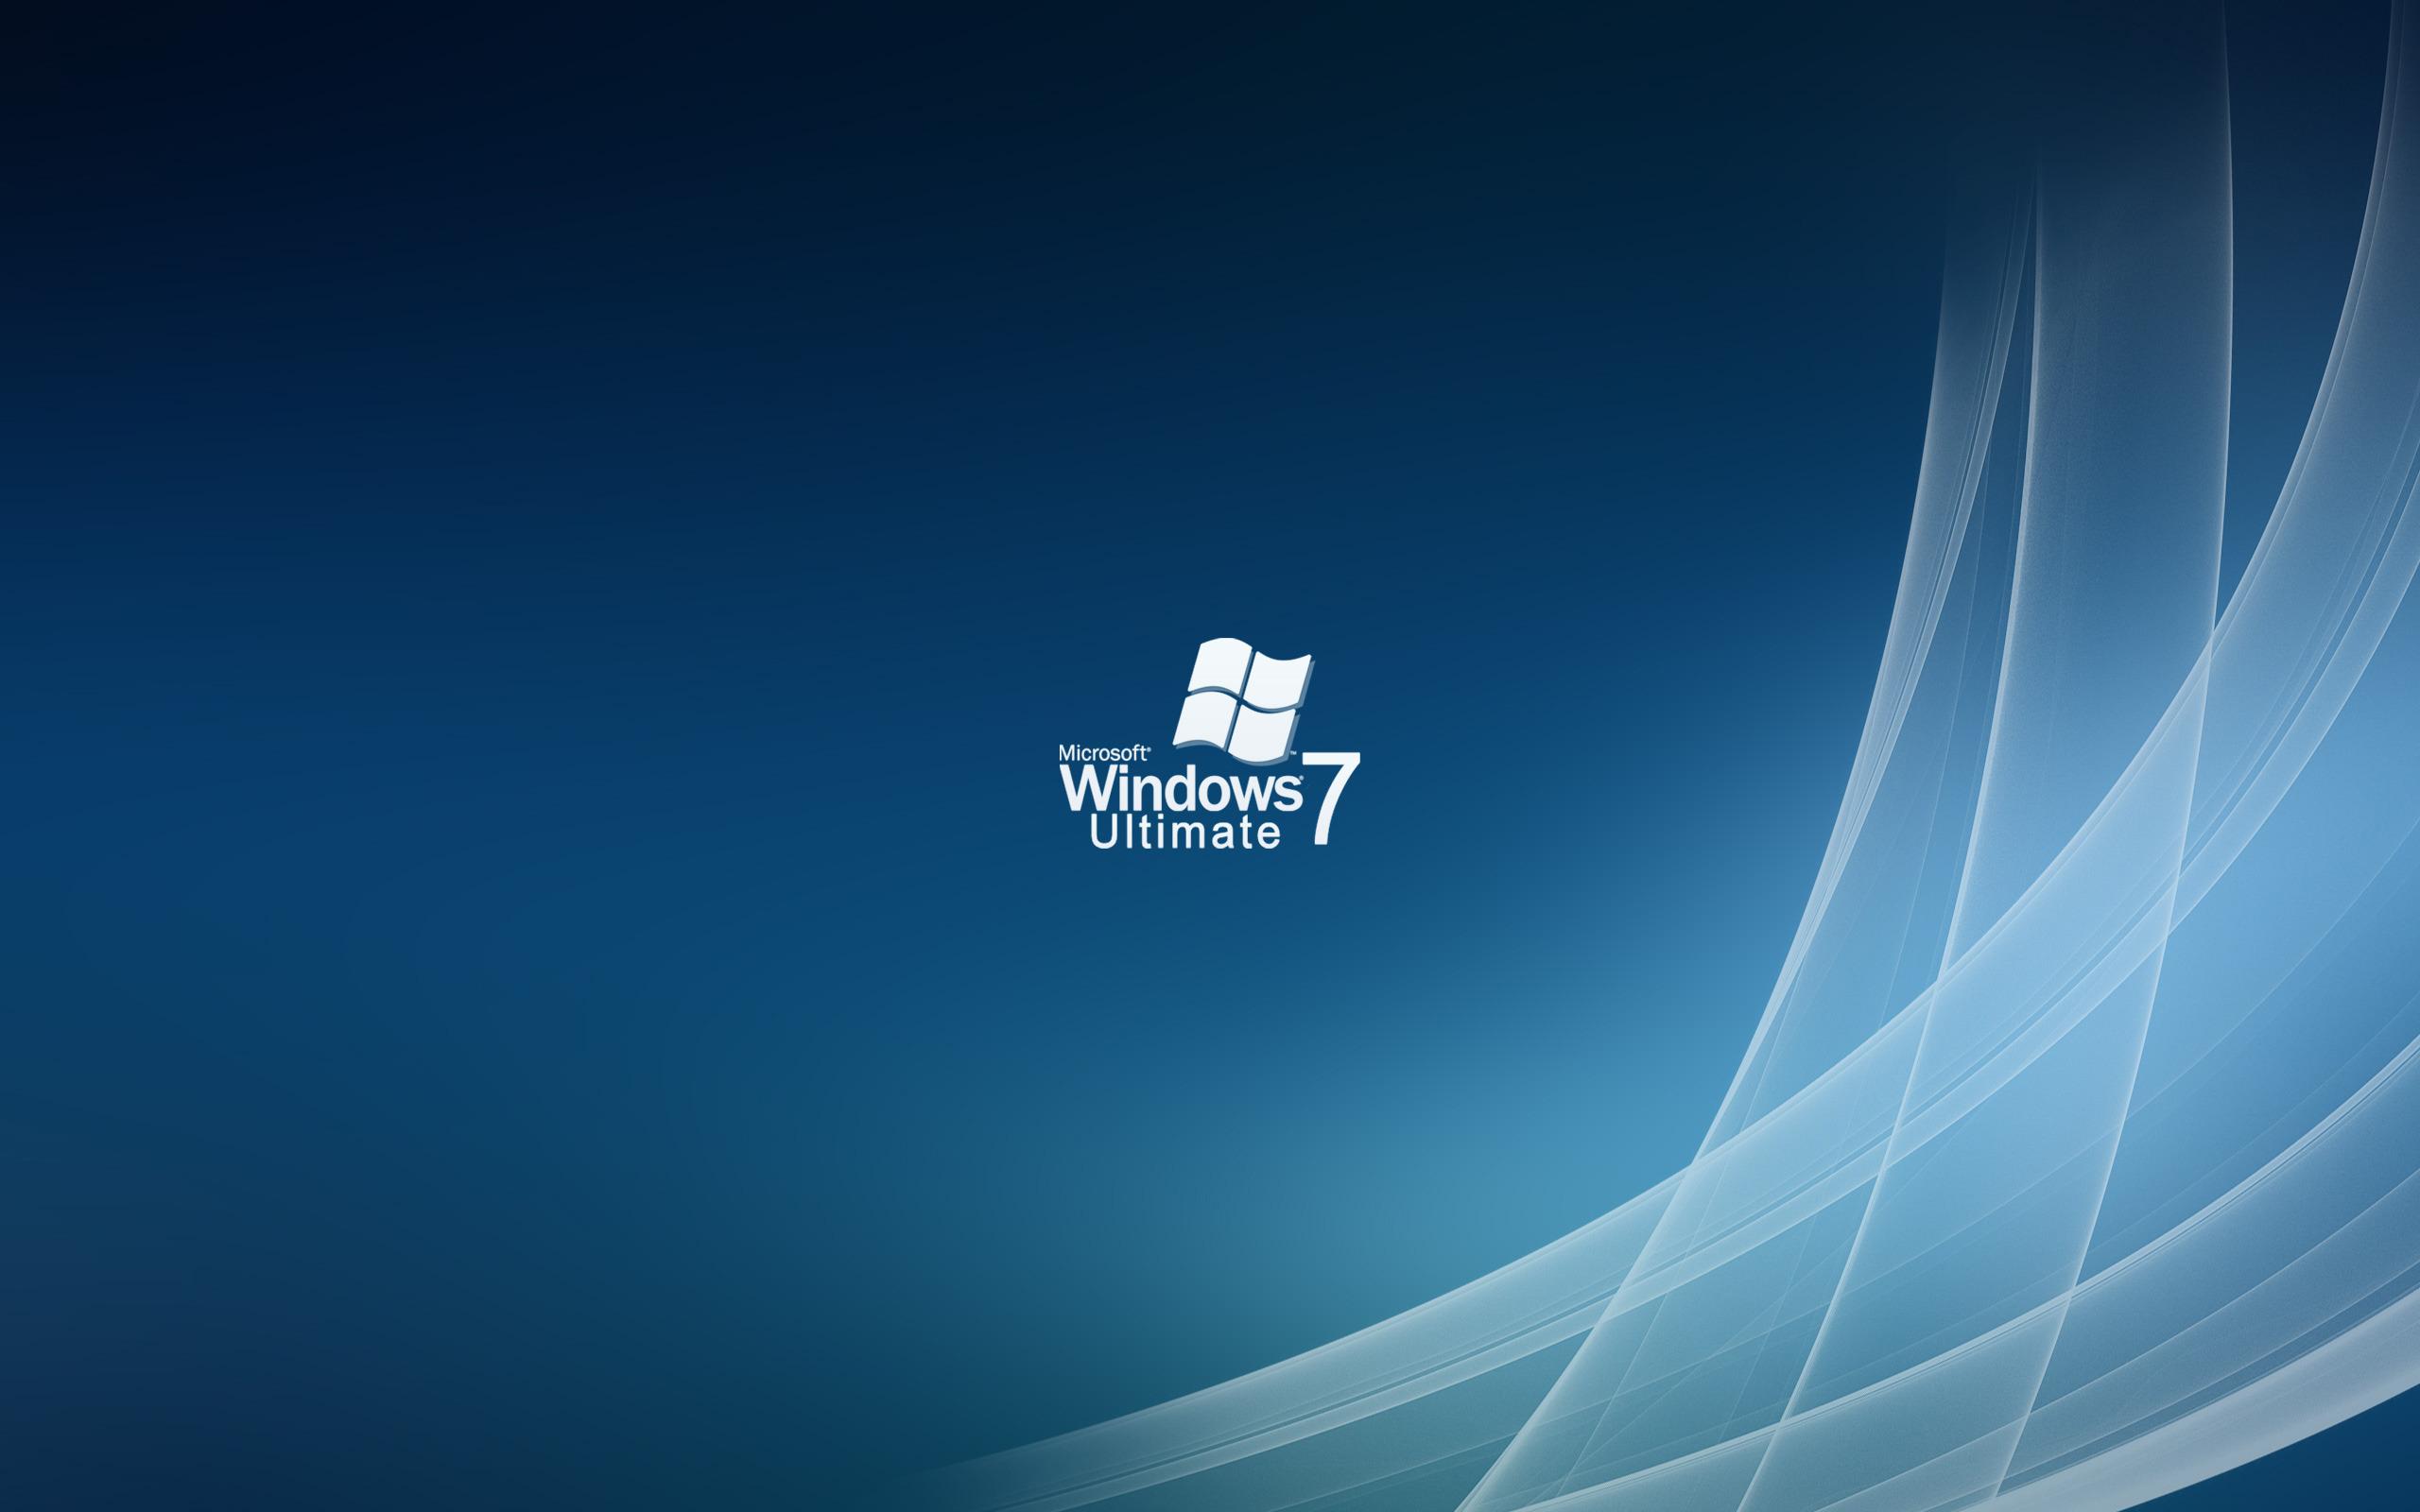 Windows 7 Ultimate Wallpaper Hd - WallpaperSafari